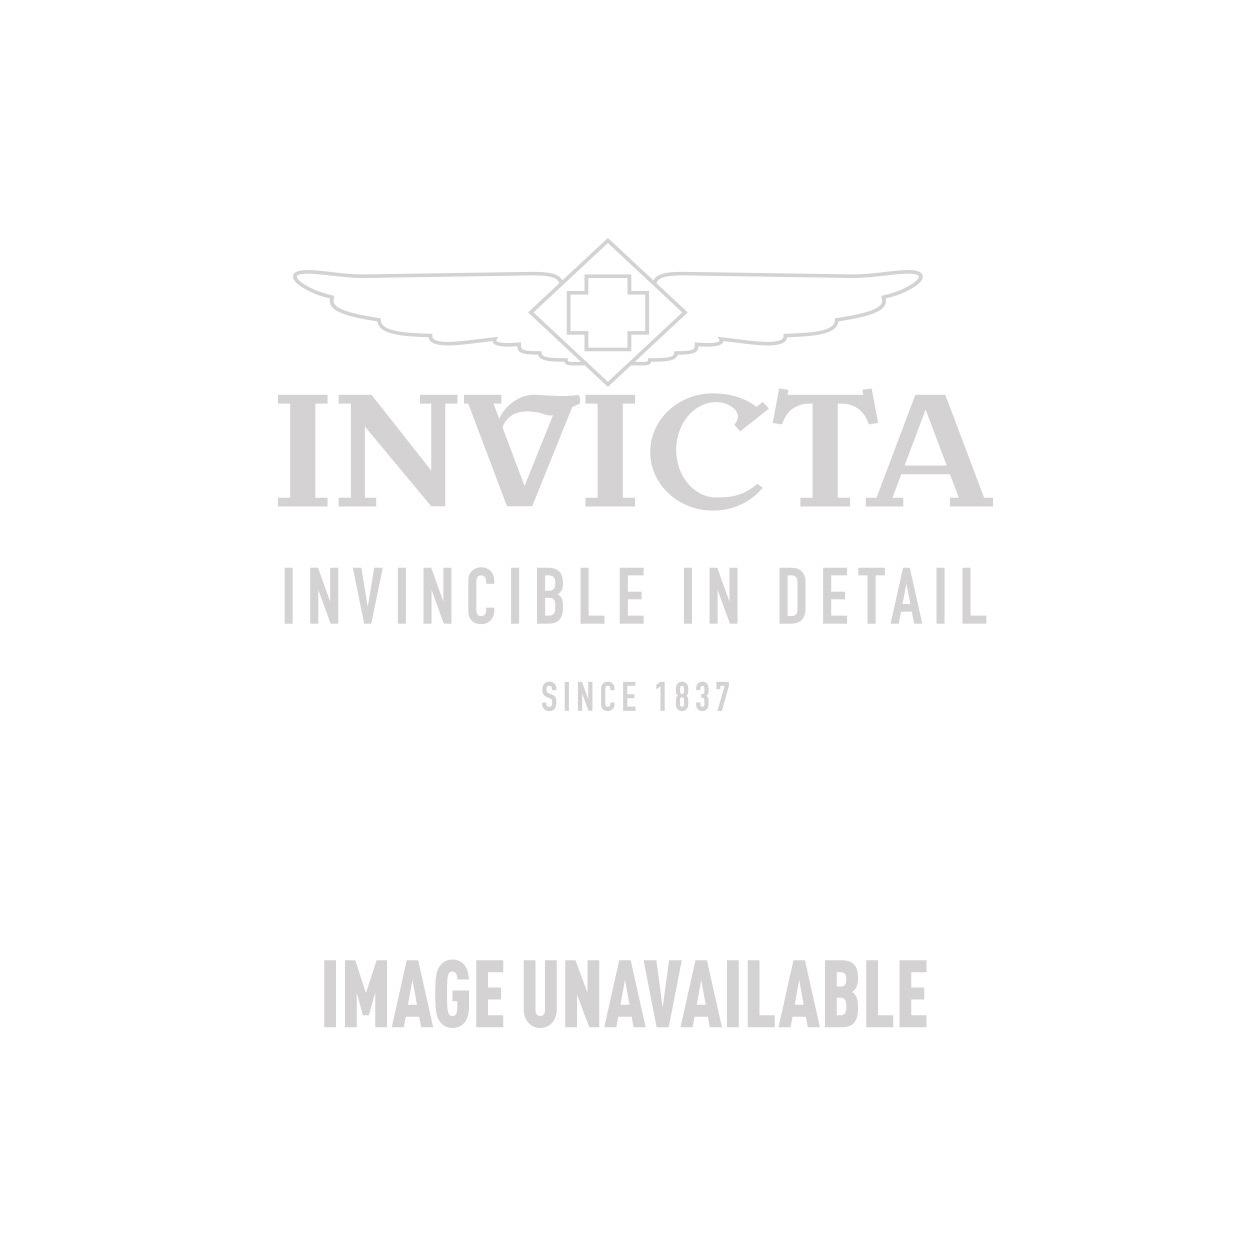 Invicta Subaqua NOMA III Mens Quartz 50mm White Case Stainless Steel, Plastic Dial Model - 0924